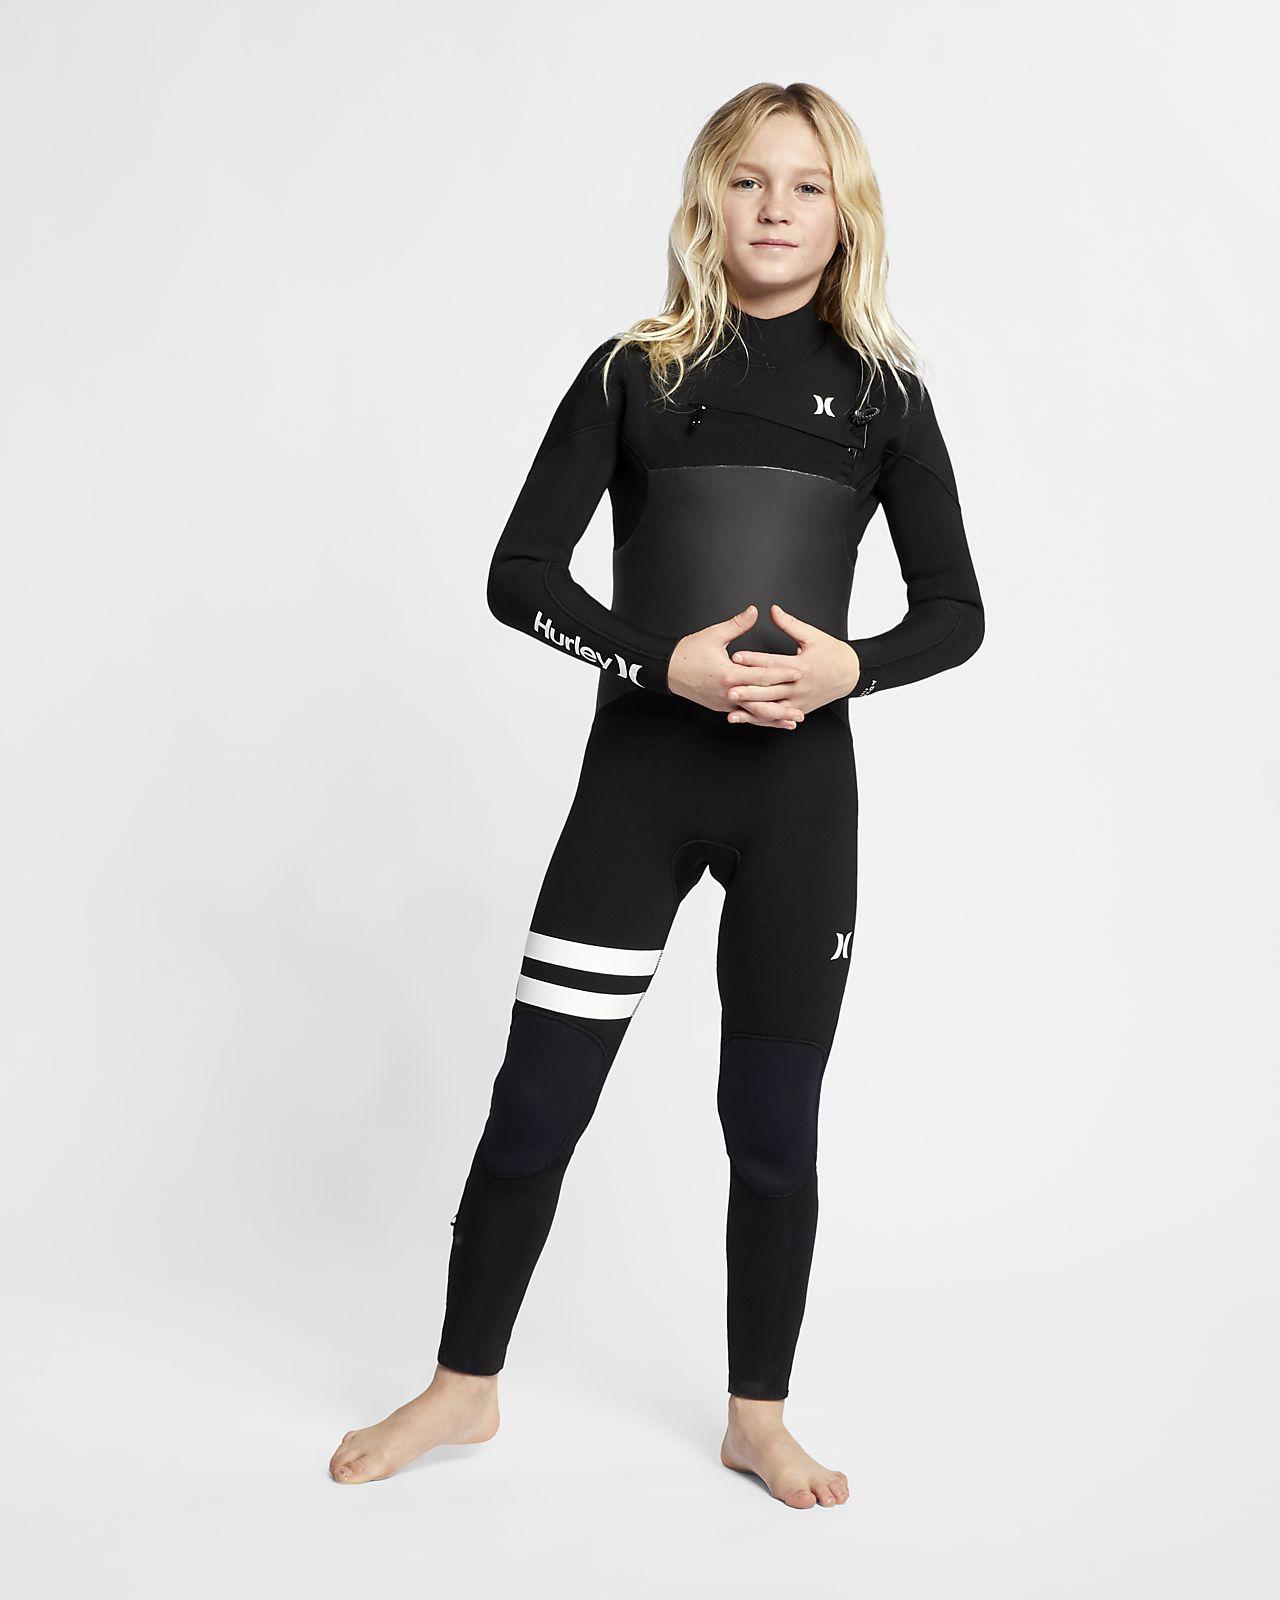 Hurley Advantage Plus 5/3mm Fullsuit Boys' Wetsuit